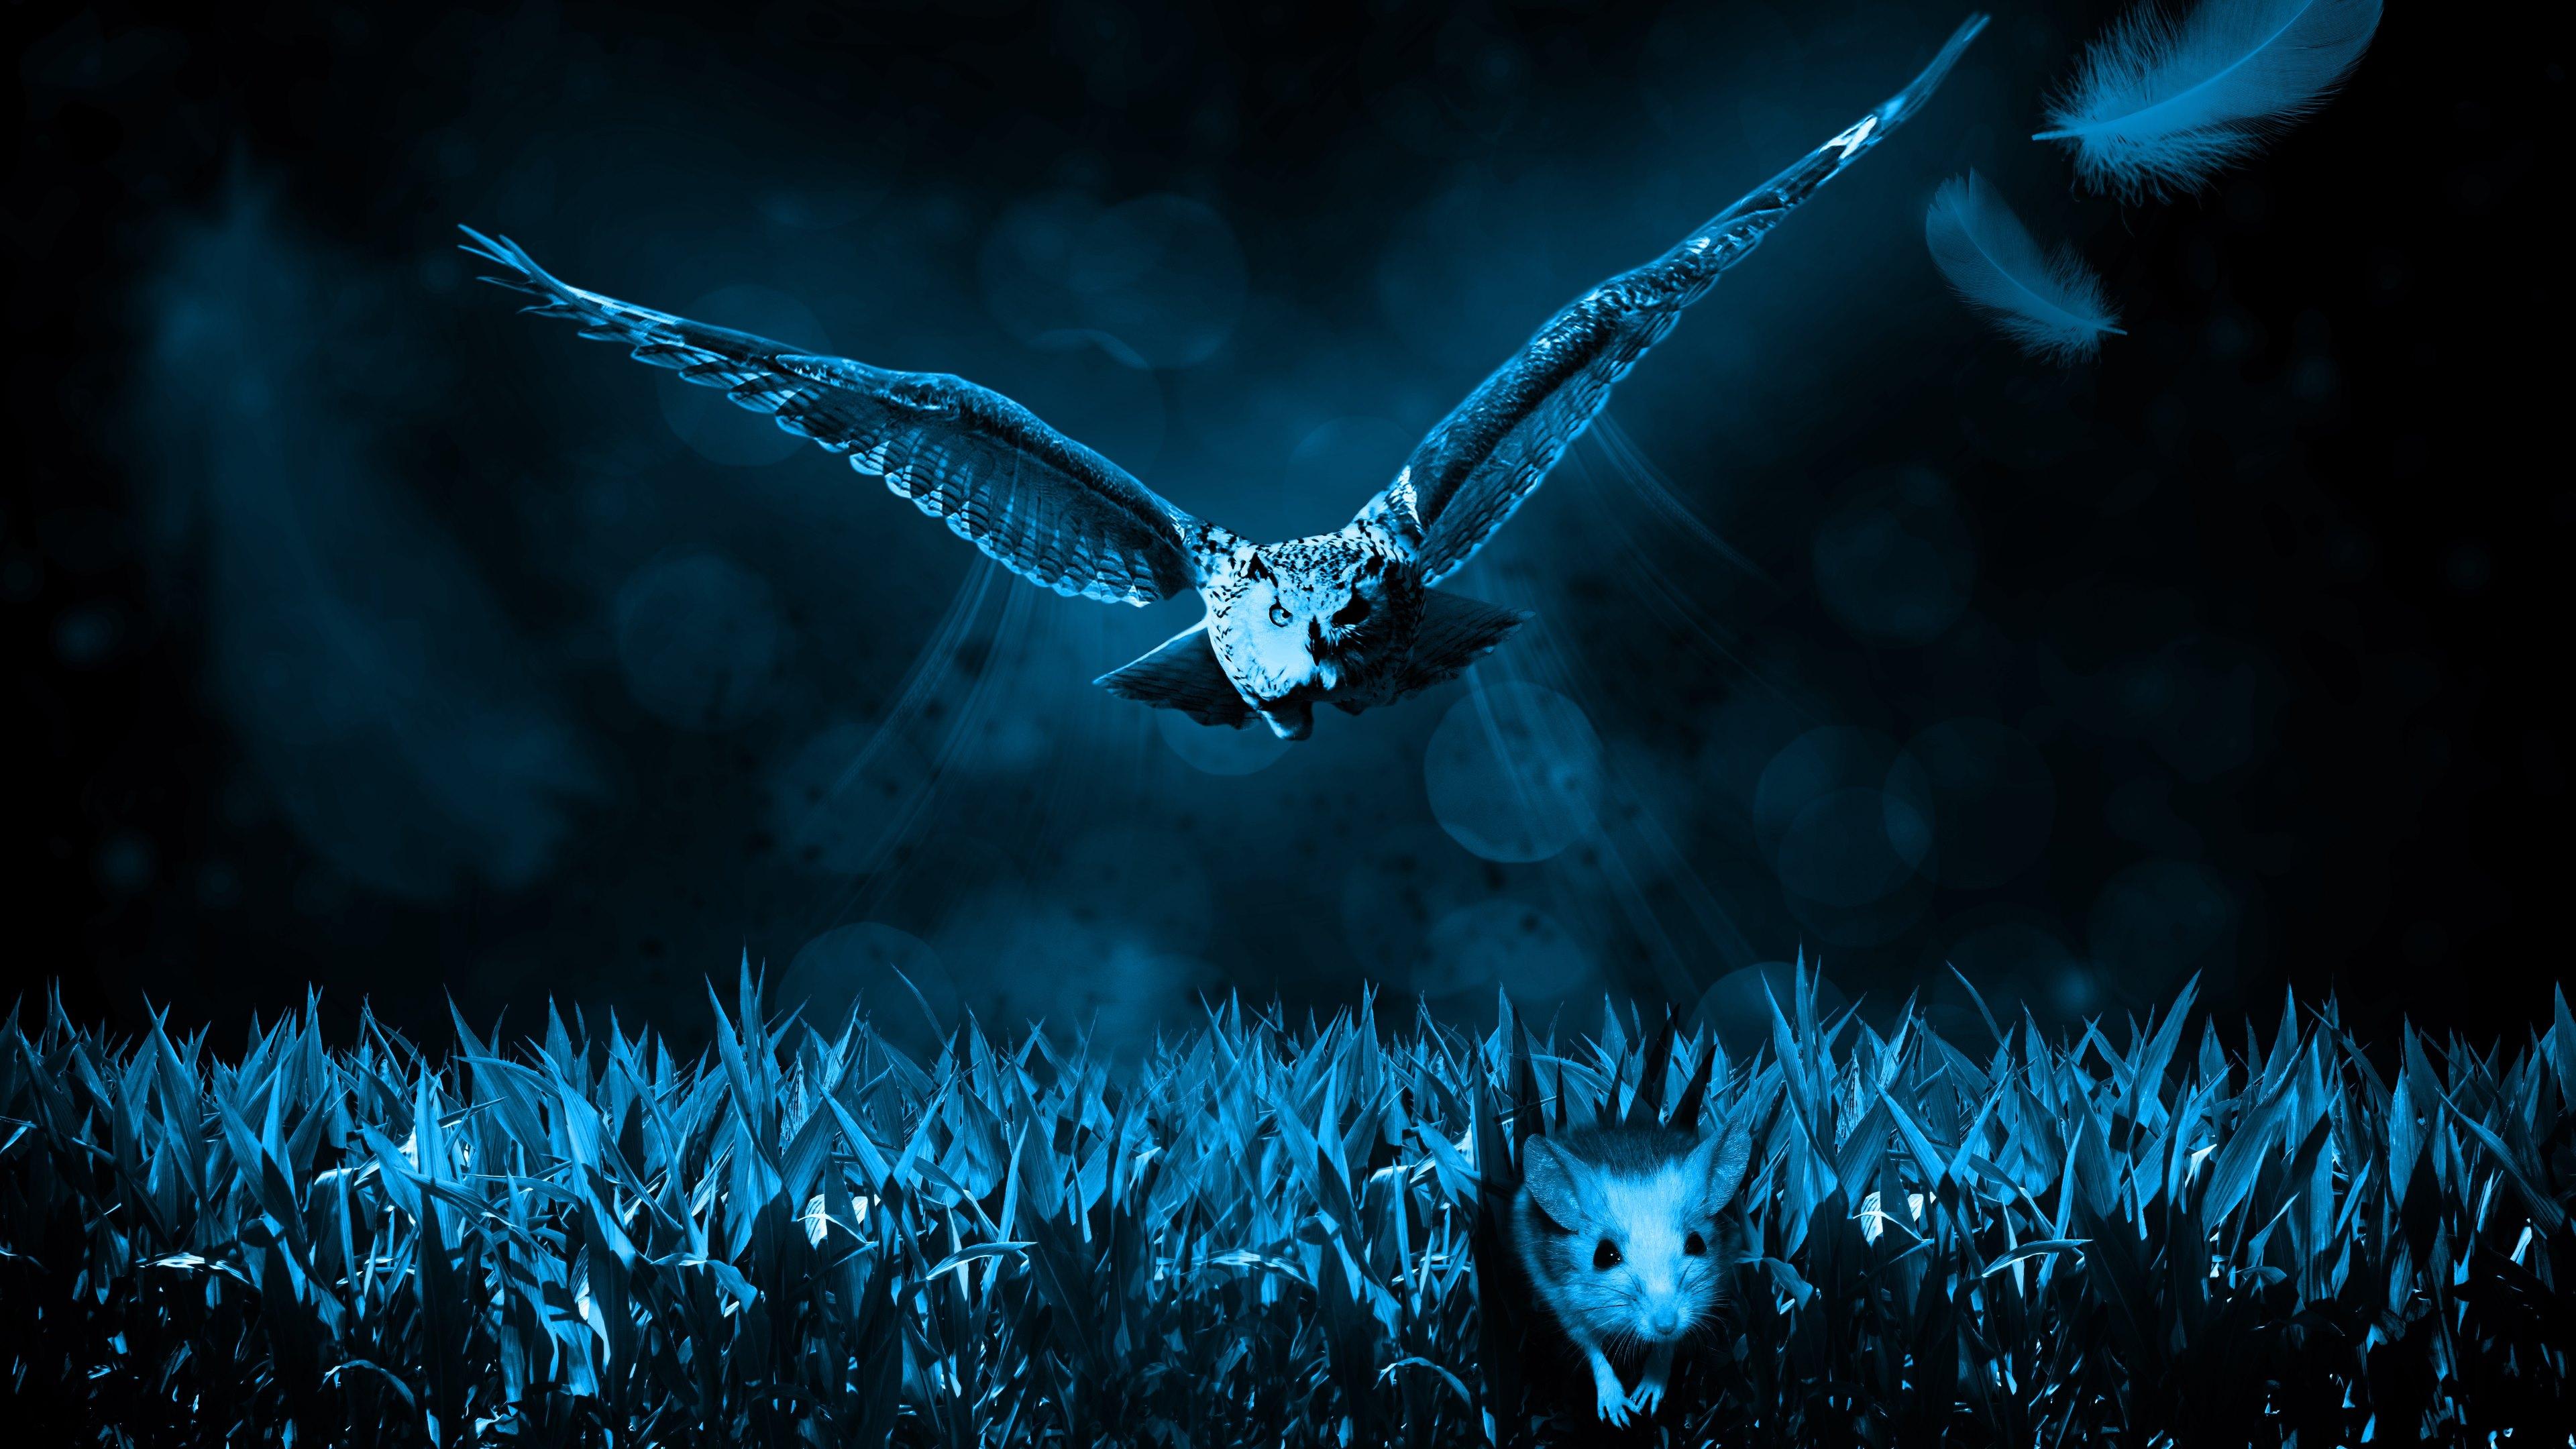 4k Owl Wallpaper Wallpapersafari